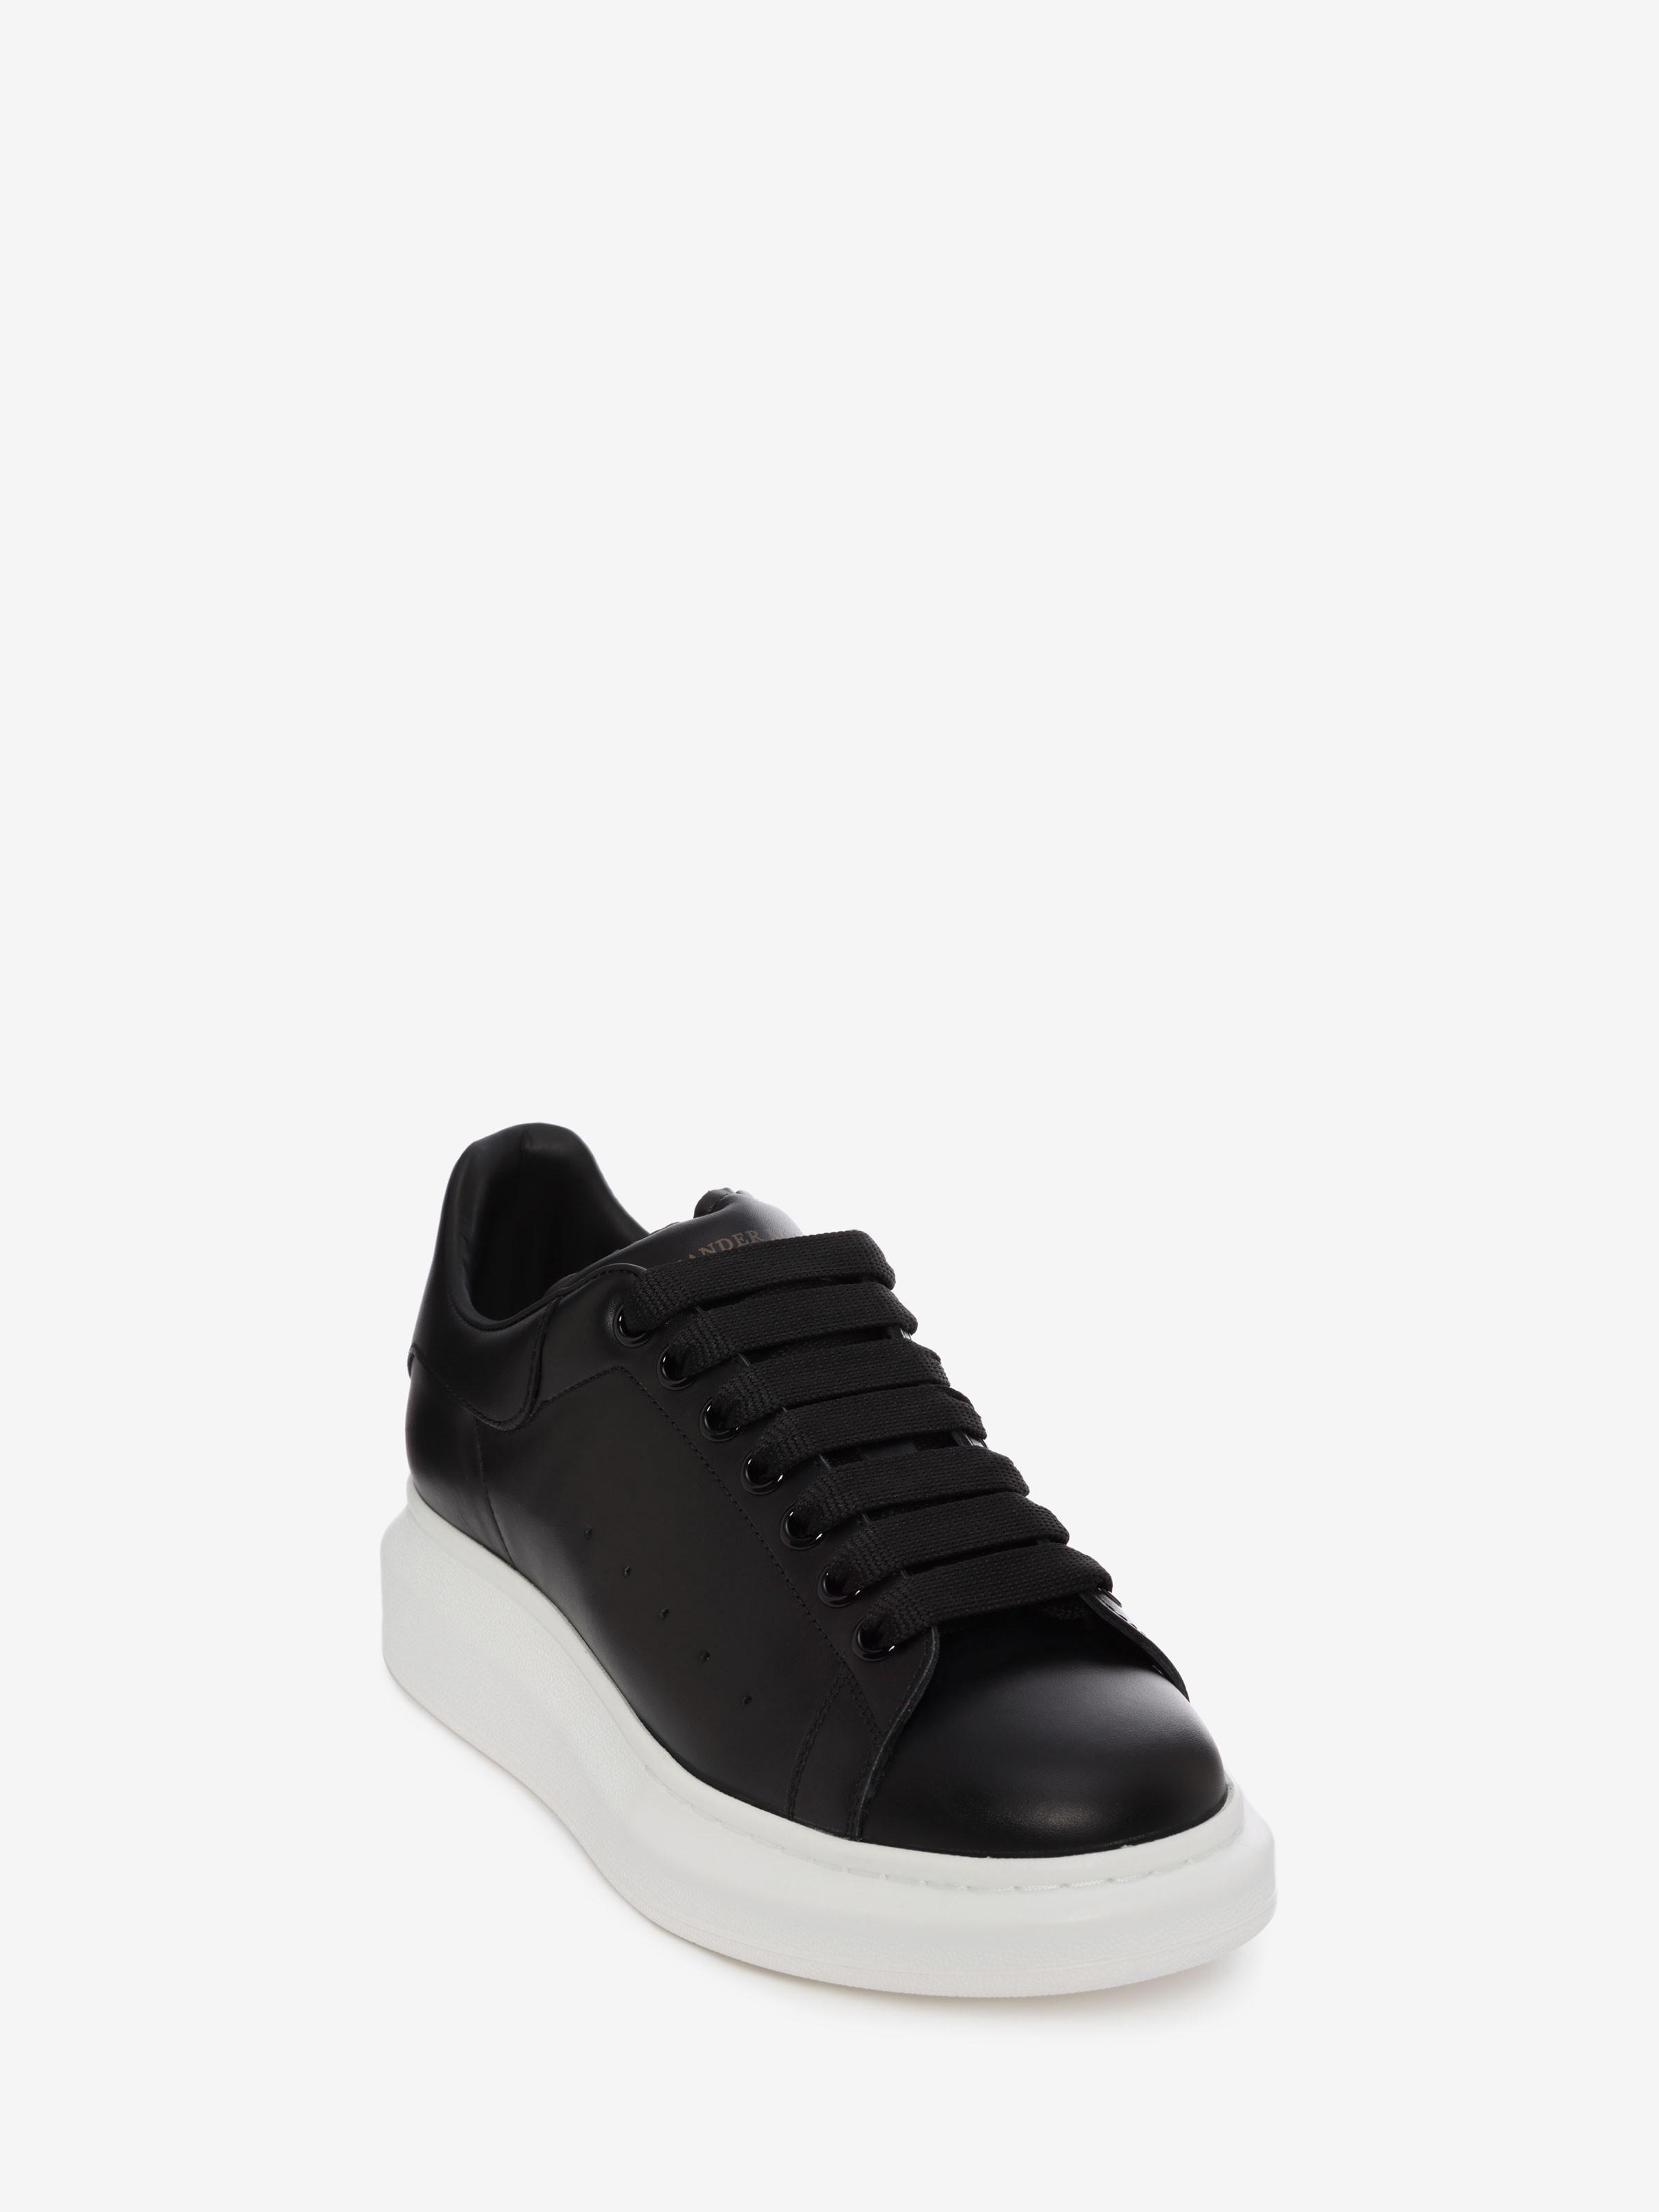 Alexander Mcqueen Oversized Sneaker Black 43 In 2020 Alexander Mcqueen Oversized Sneakers Sneakers Oversize Alexander Mcqueen Sneakers